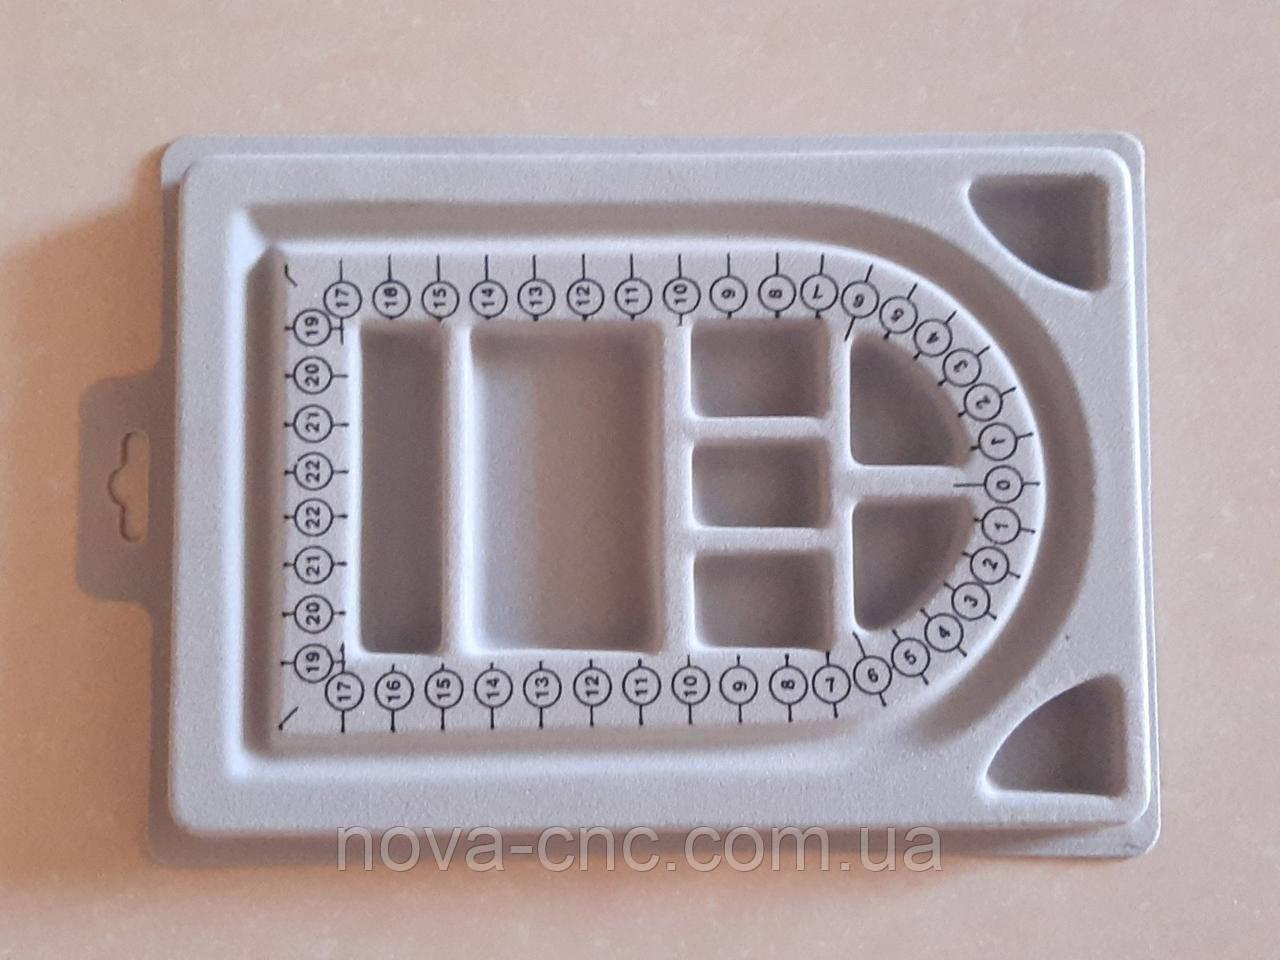 Органайзер для выкладки бусин пластик серый 21 х 15,5 см